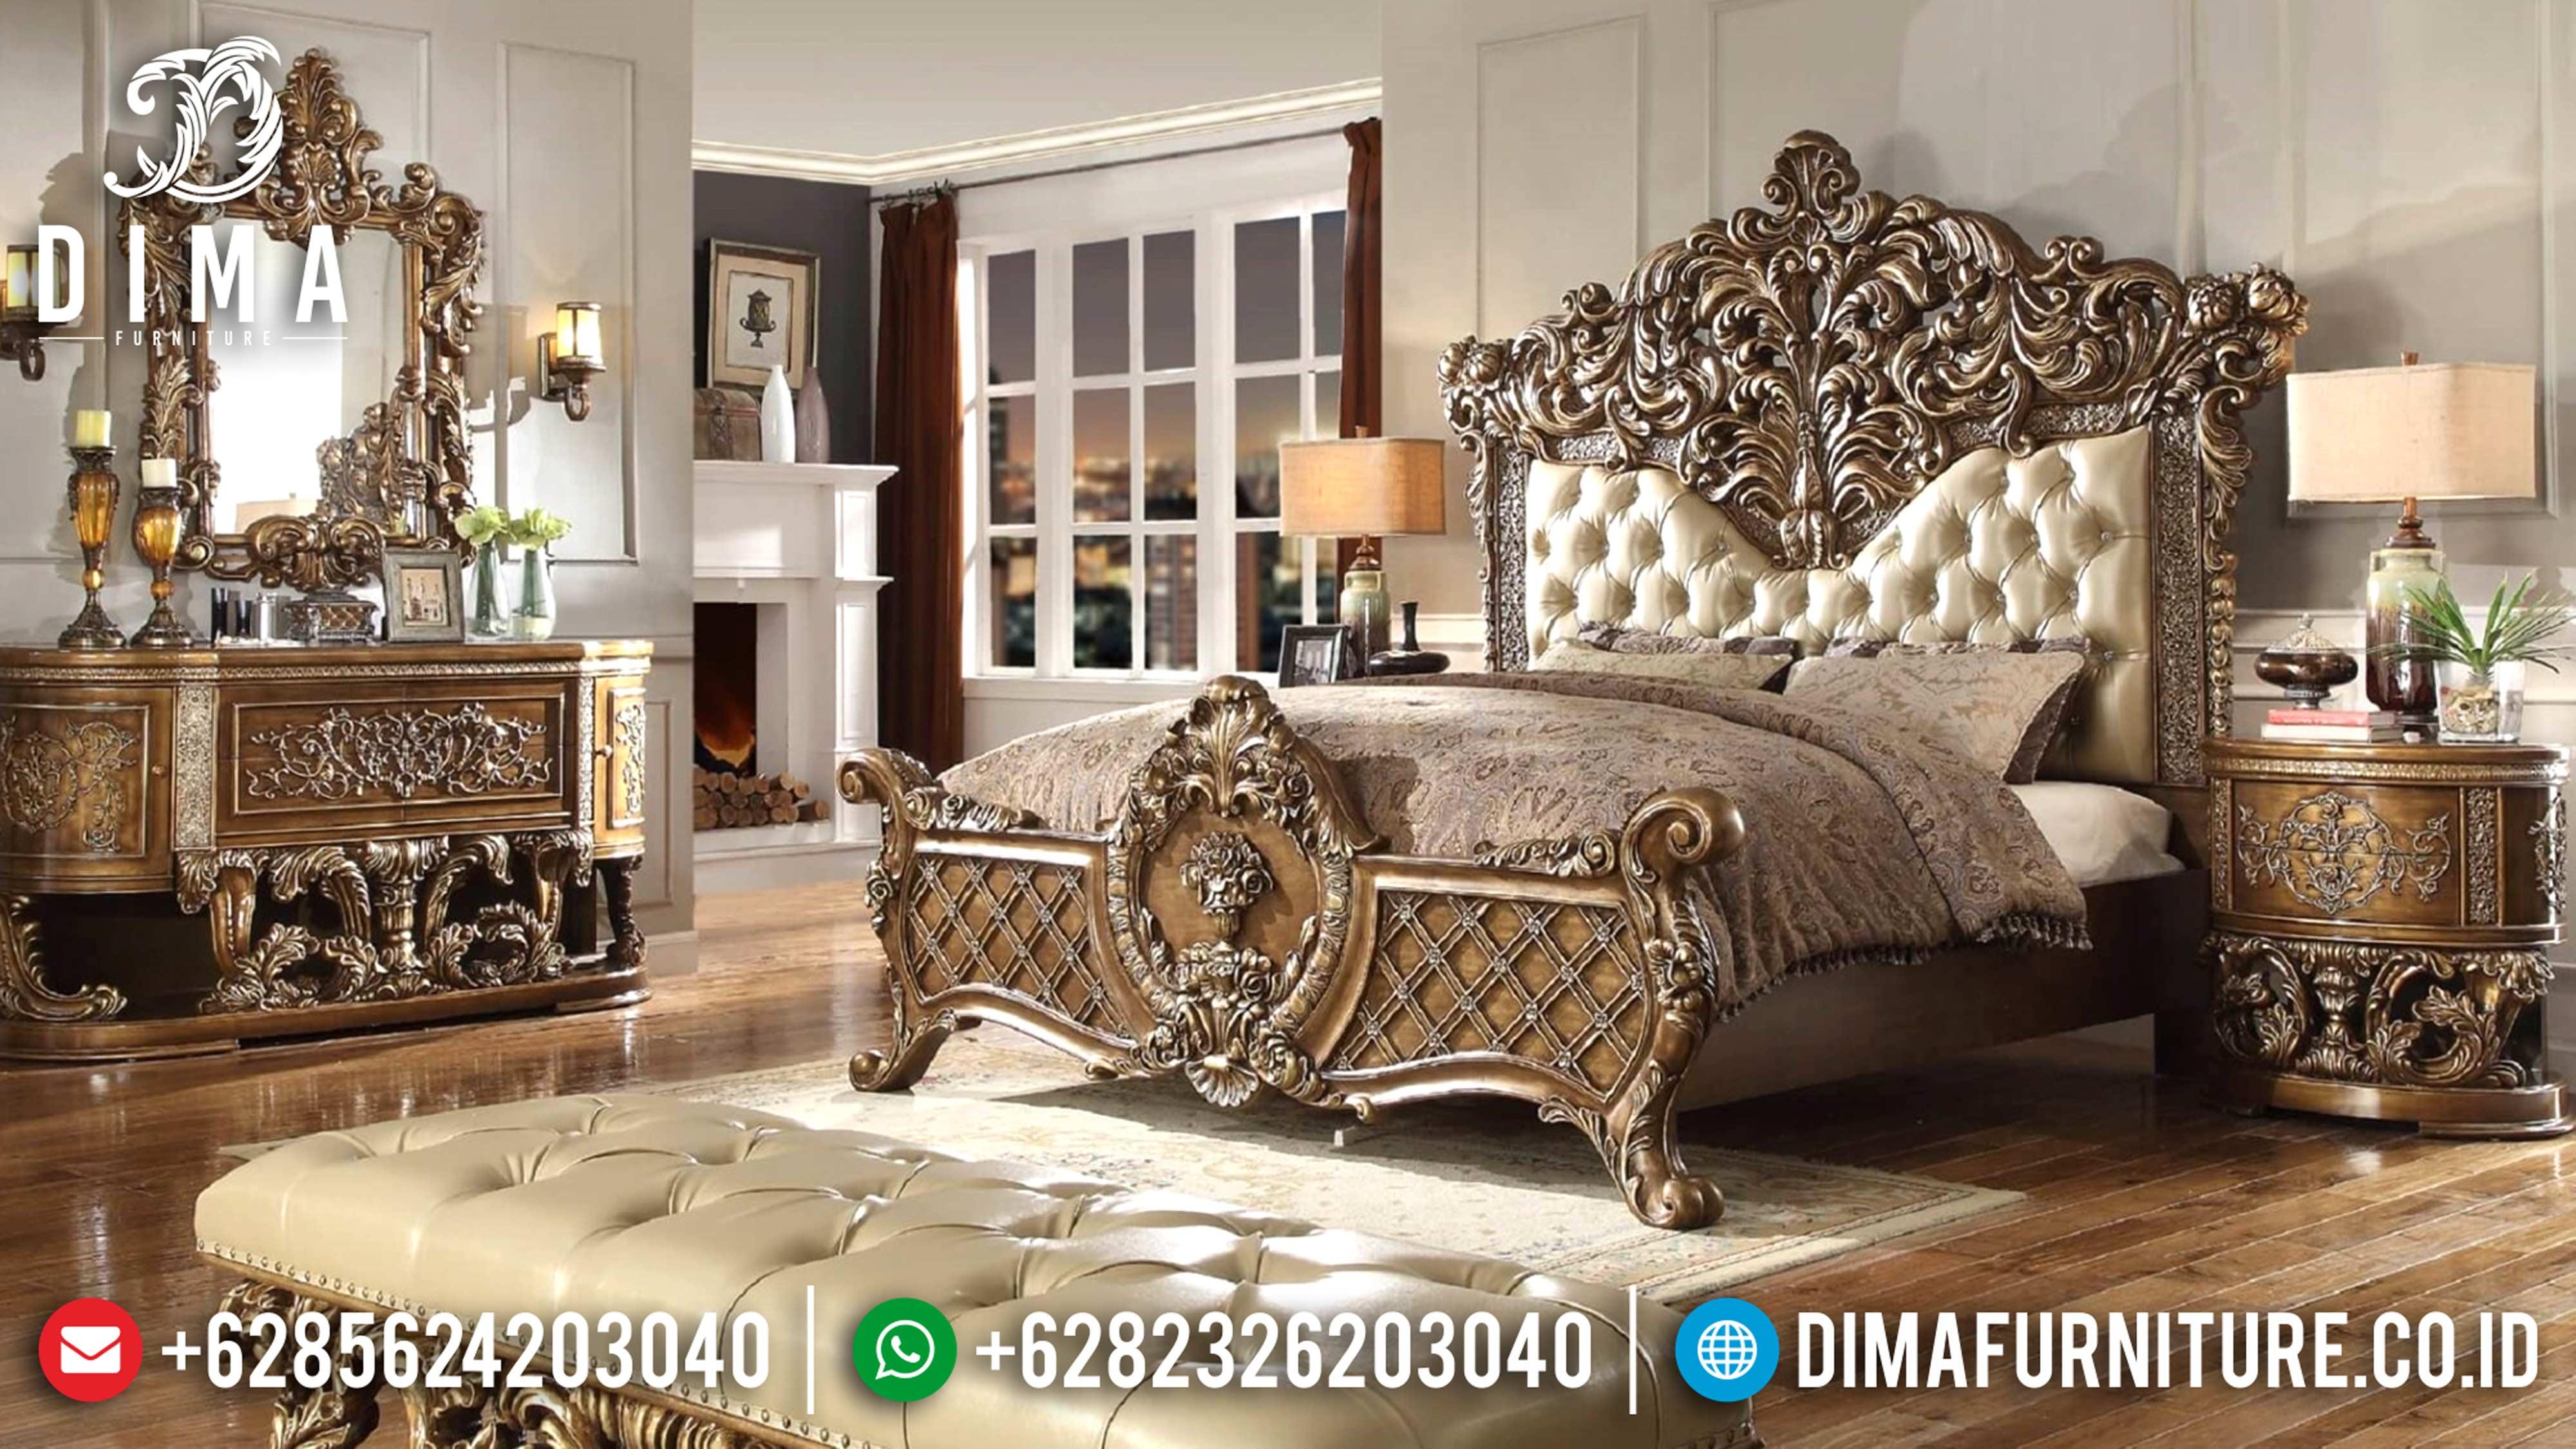 Marbella Classic Furniture Tempat Tidur Mewah Jepara Ukir Terbaru DF-0583